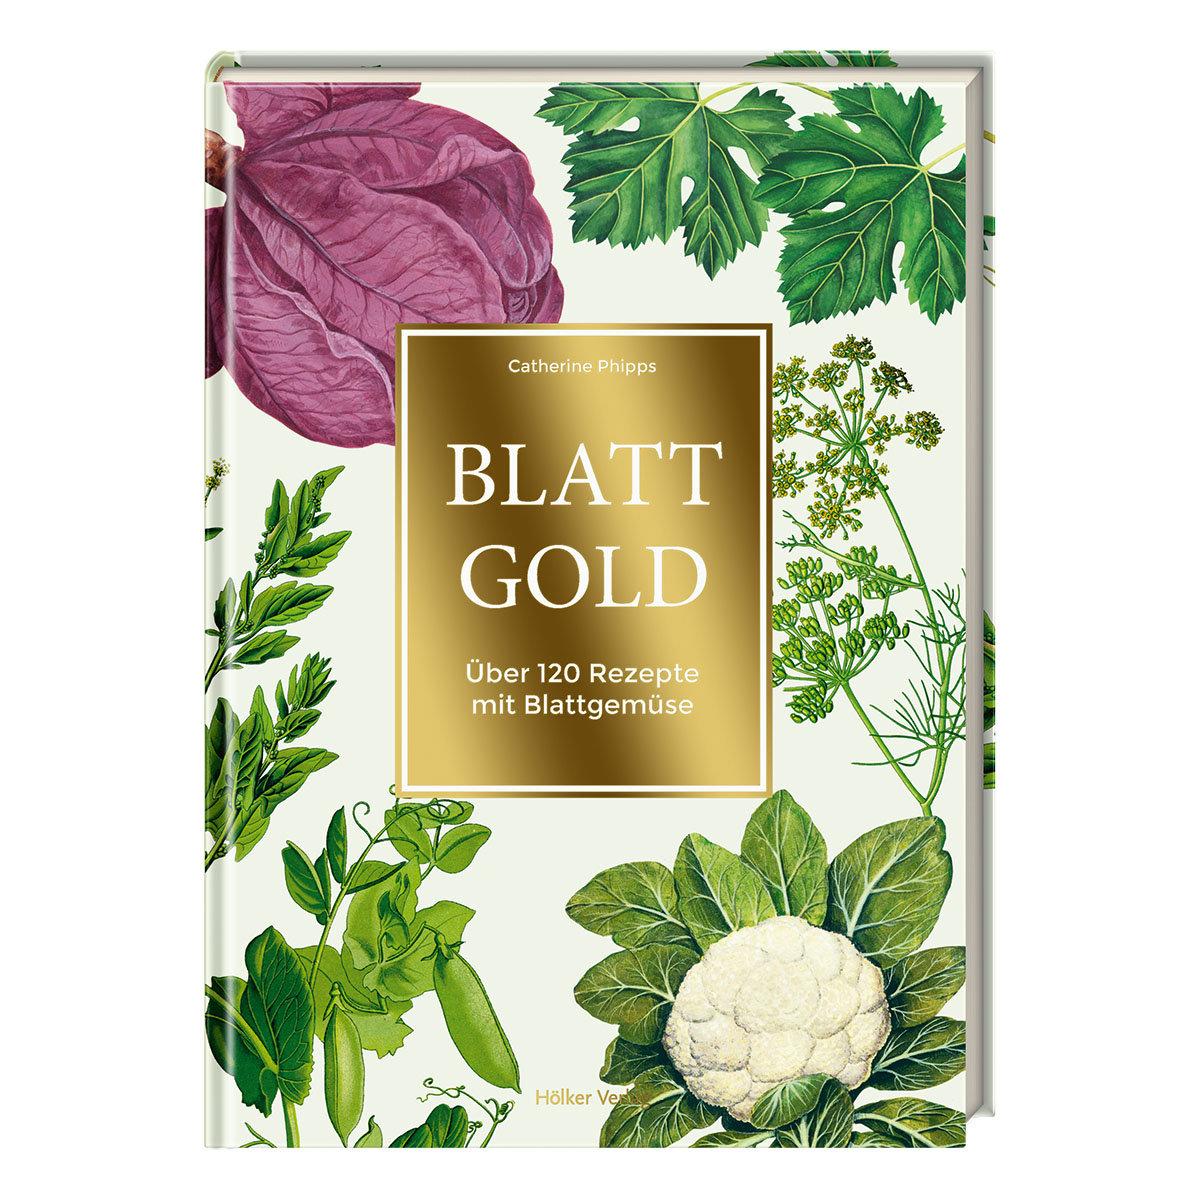 Blattgold - über 120 Rezepte mit Blattgemüse